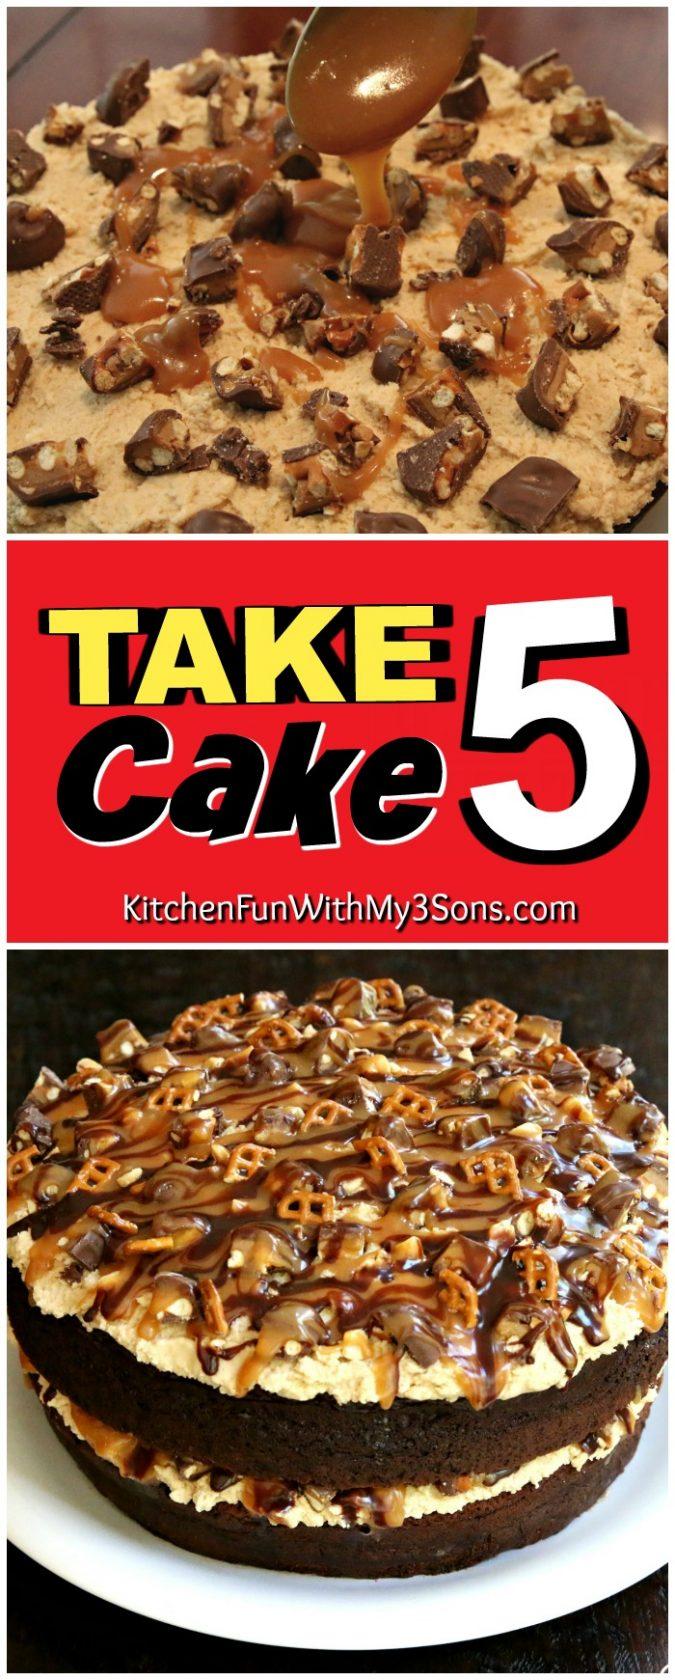 Take 5 Candy Bar Cake Recipe!